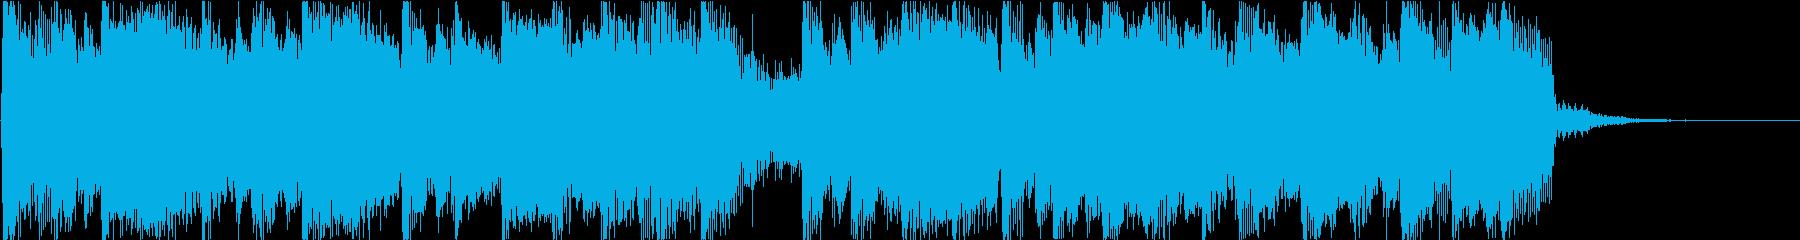 ほのぼの感MAXのBGMの再生済みの波形